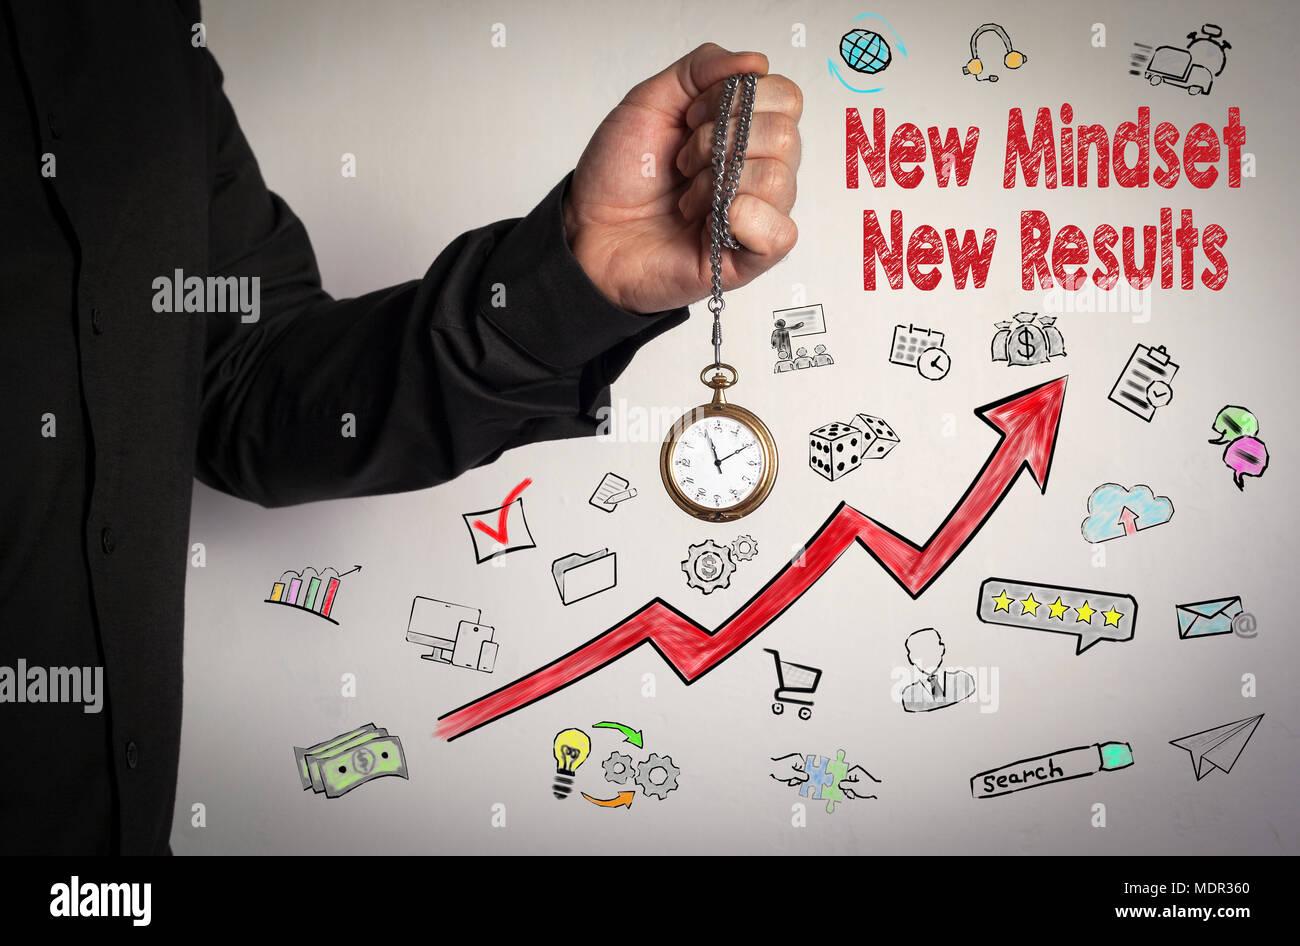 Nuova mentalità nuovi risultati concetto. Freccia rossa e icone circa Immagini Stock